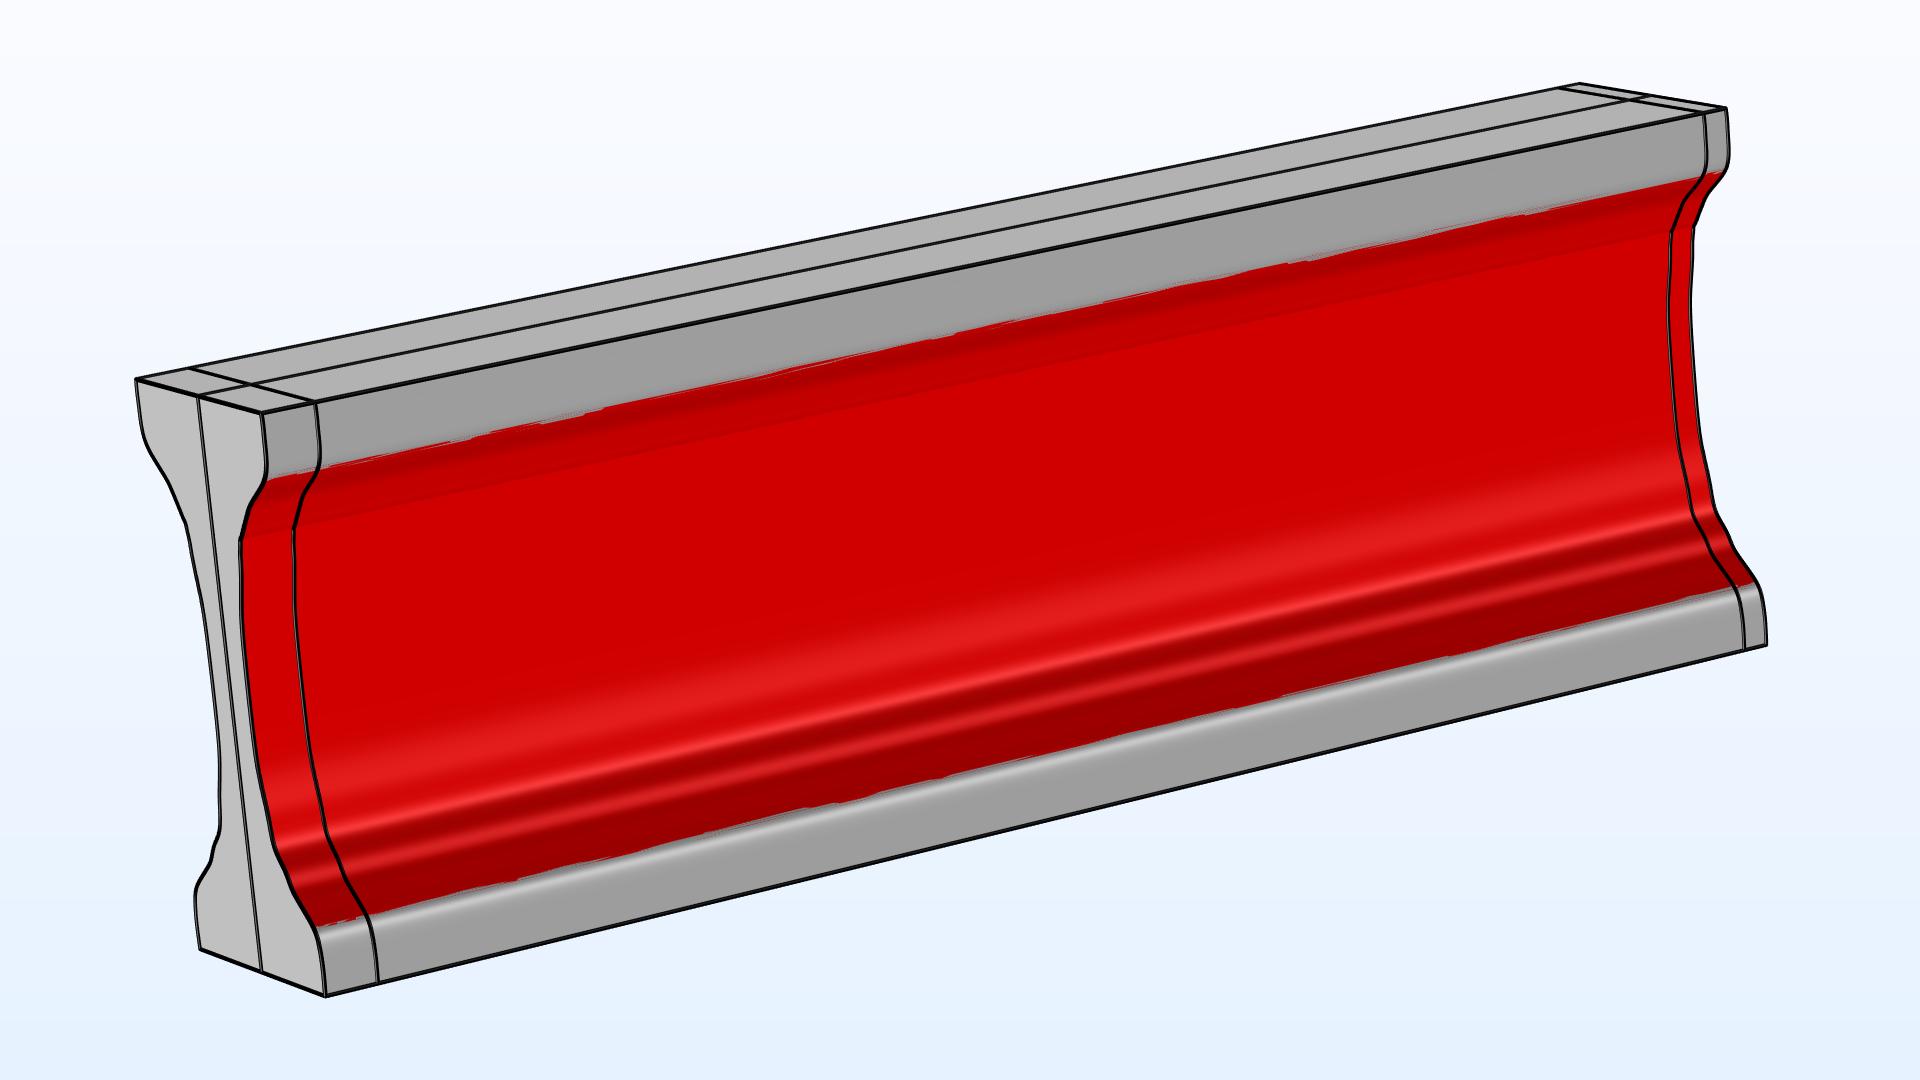 이 모델은 돌출된 형상에 대한 3차원 위상과 형상 최적화를 설명합니다. 빔의 강성은 질량에 대한 제약조건에 따라 최대화 되지만, 이 방법은 정상상태 및 주파수 도메인 솔버의 모든 변형과 함께 사용할 수 있습니다.